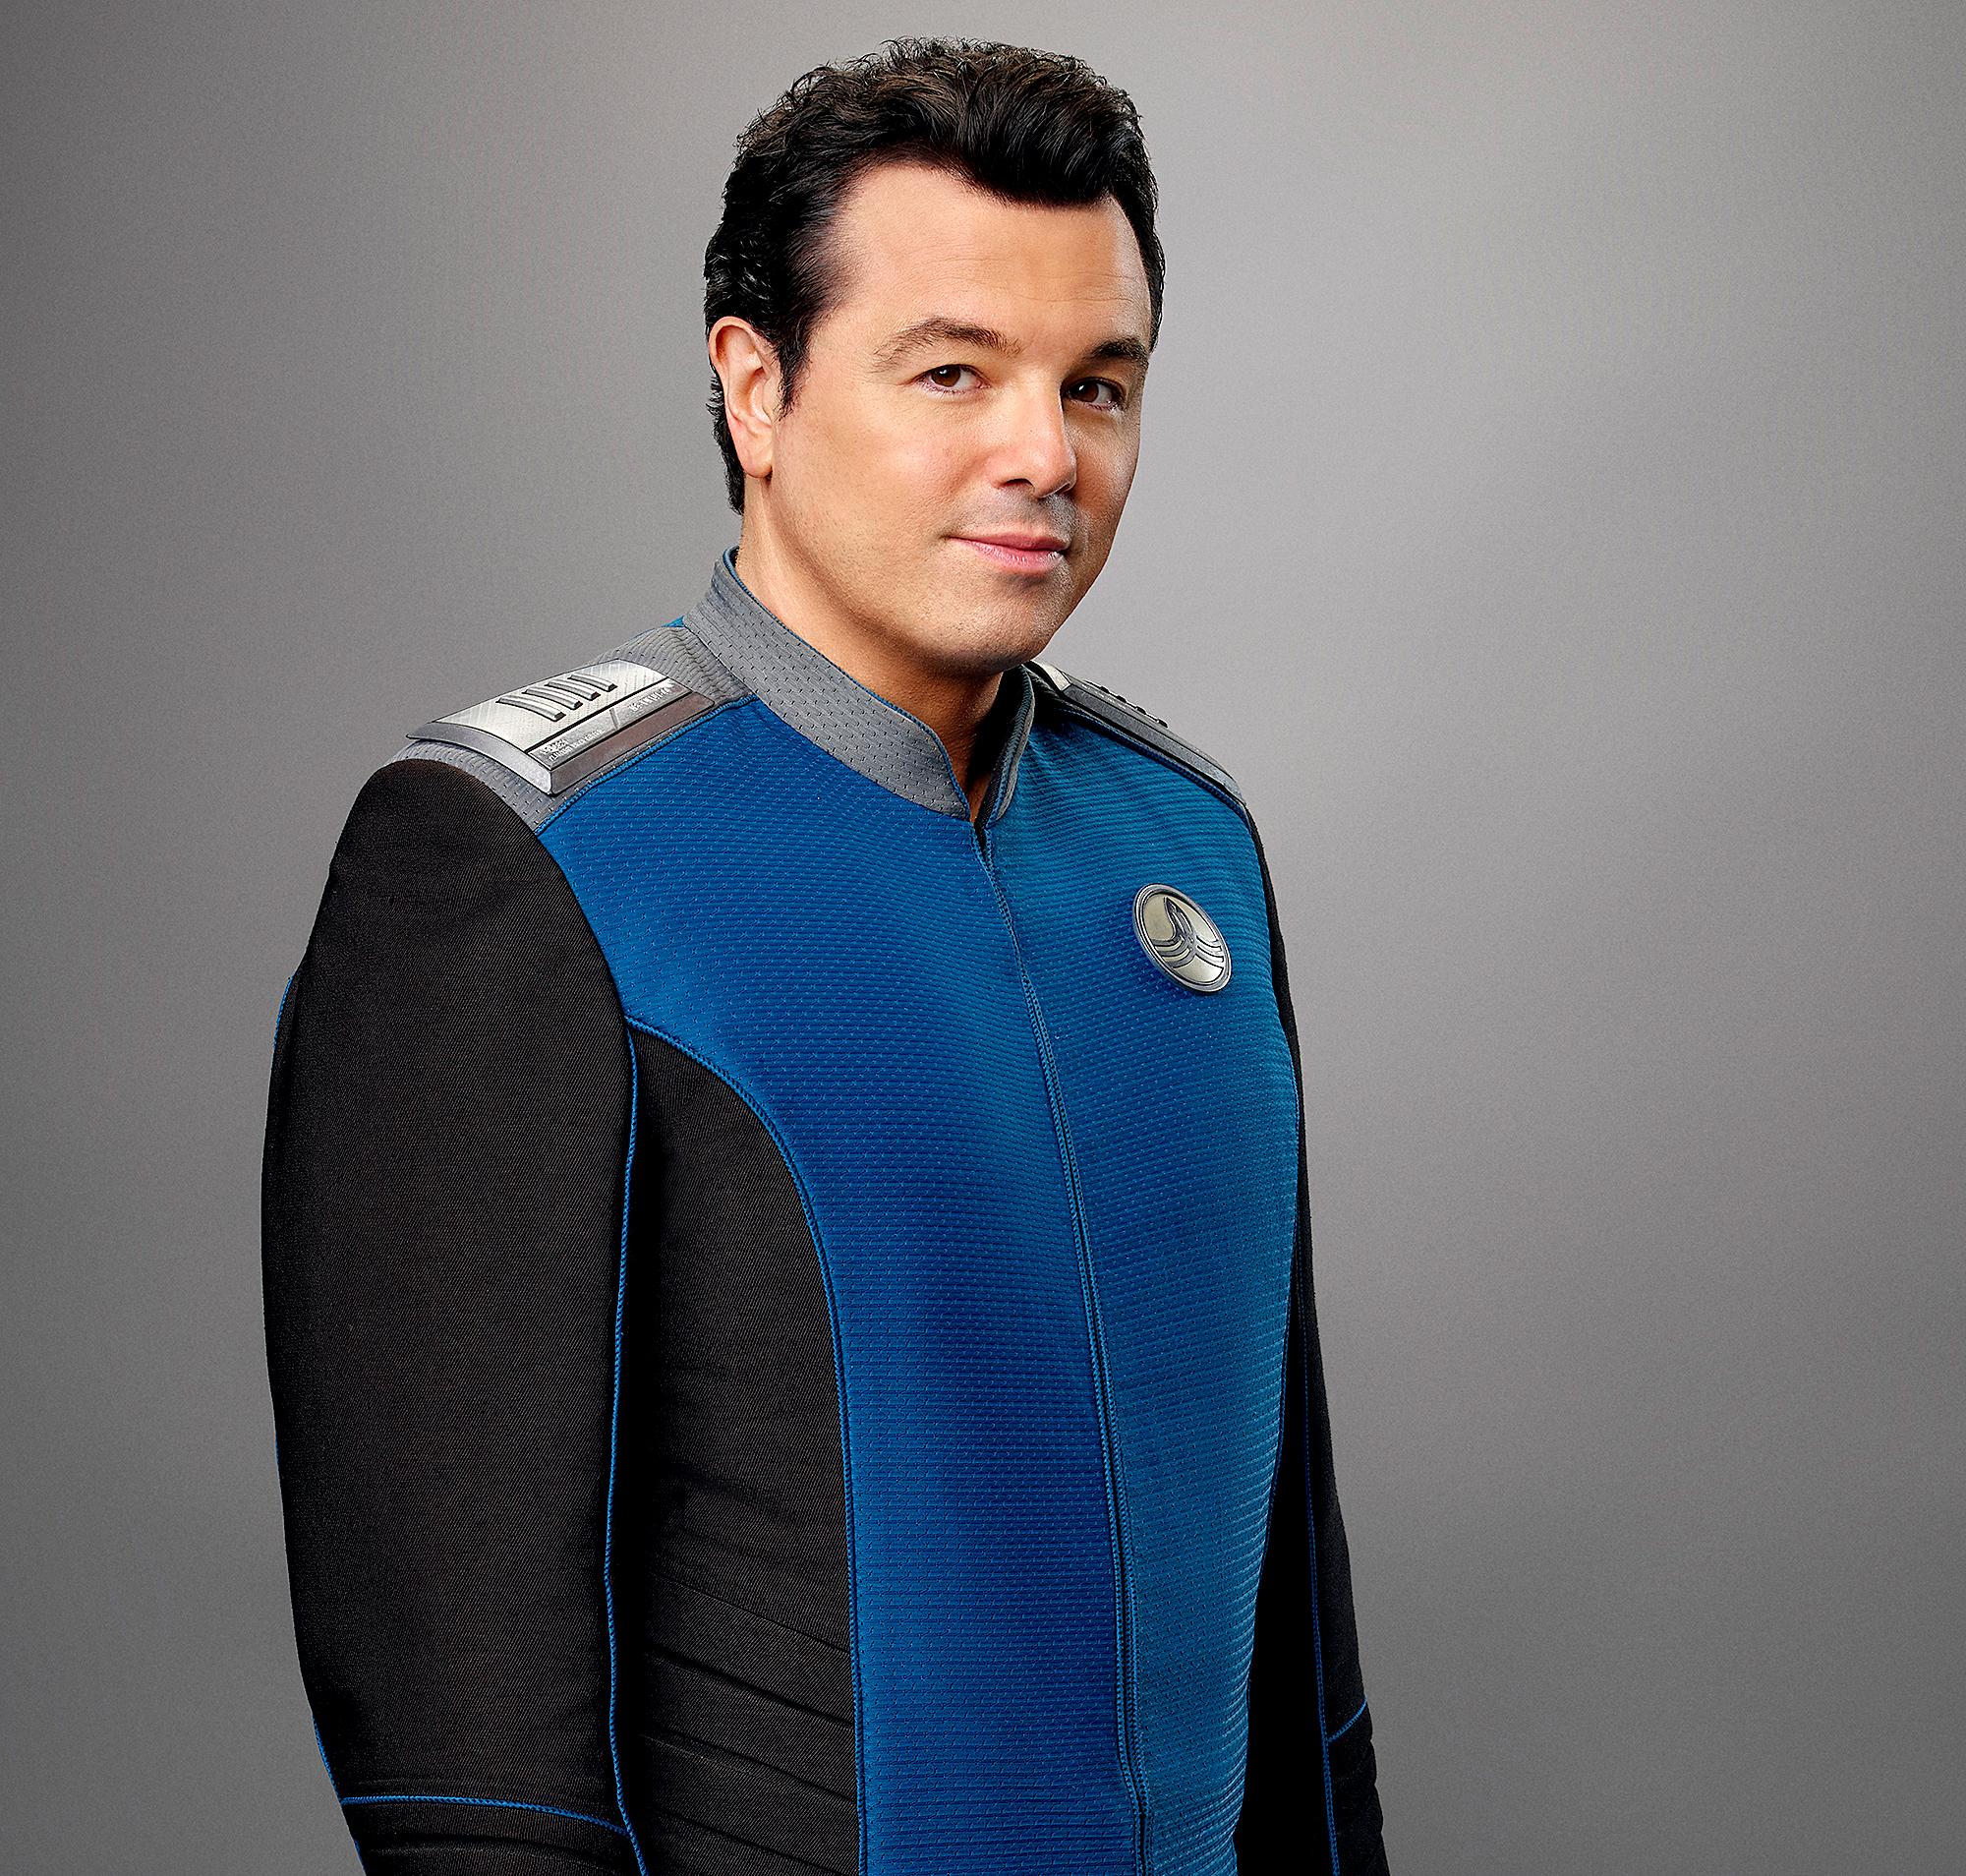 Seth MacFarlane as Captain Ed Mercer on The Orville